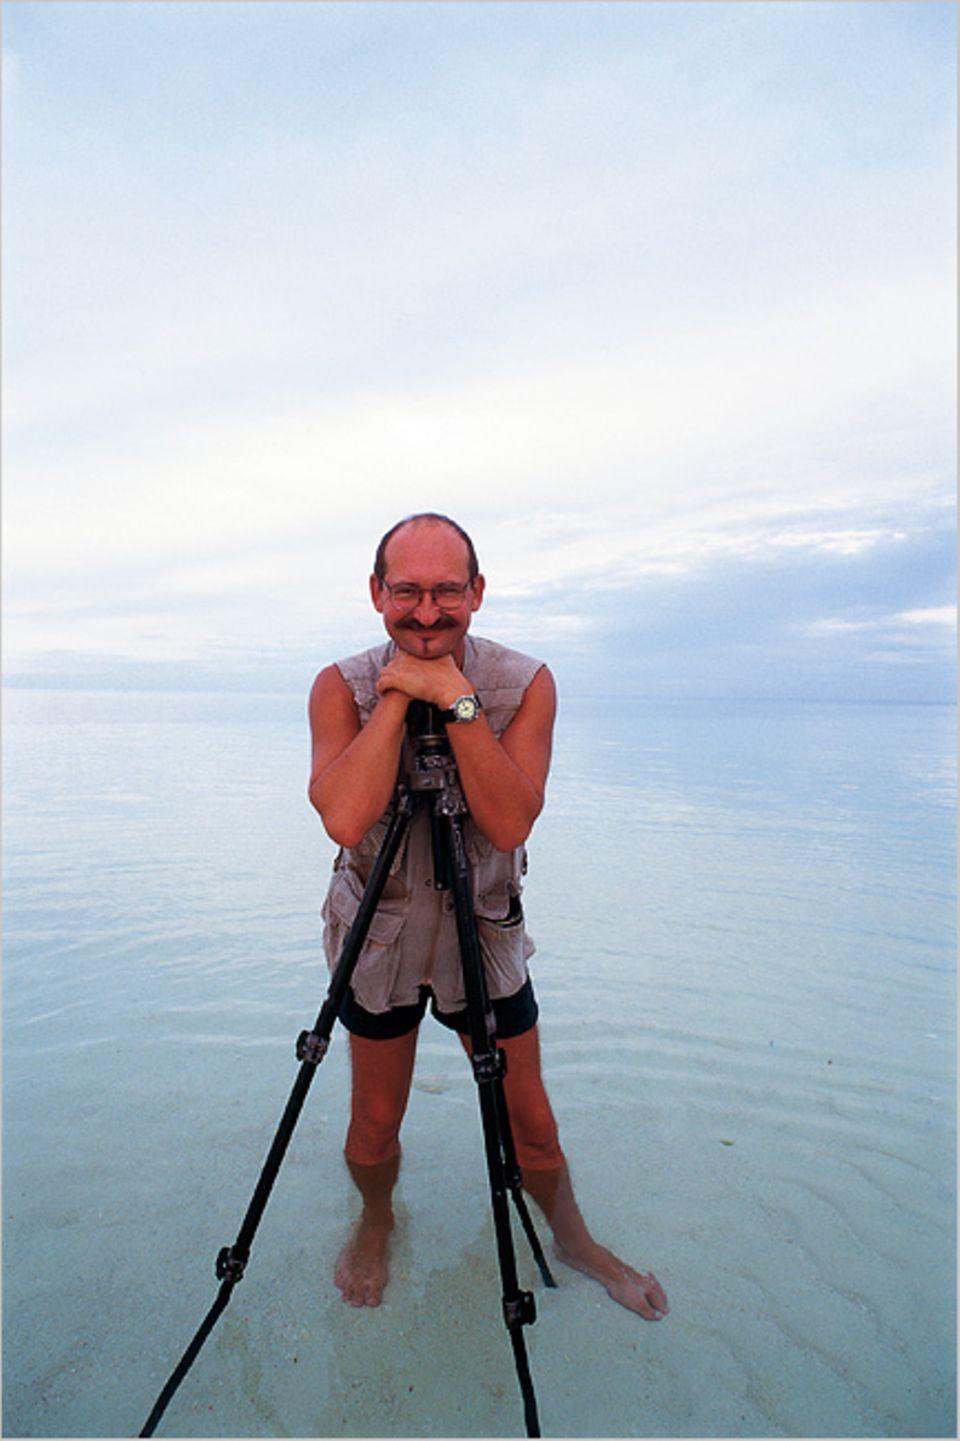 Themenschwerpunkt Reisefotografie: Weiß wie man Meeresbewohner in Szene setzt: Jürgen Freund